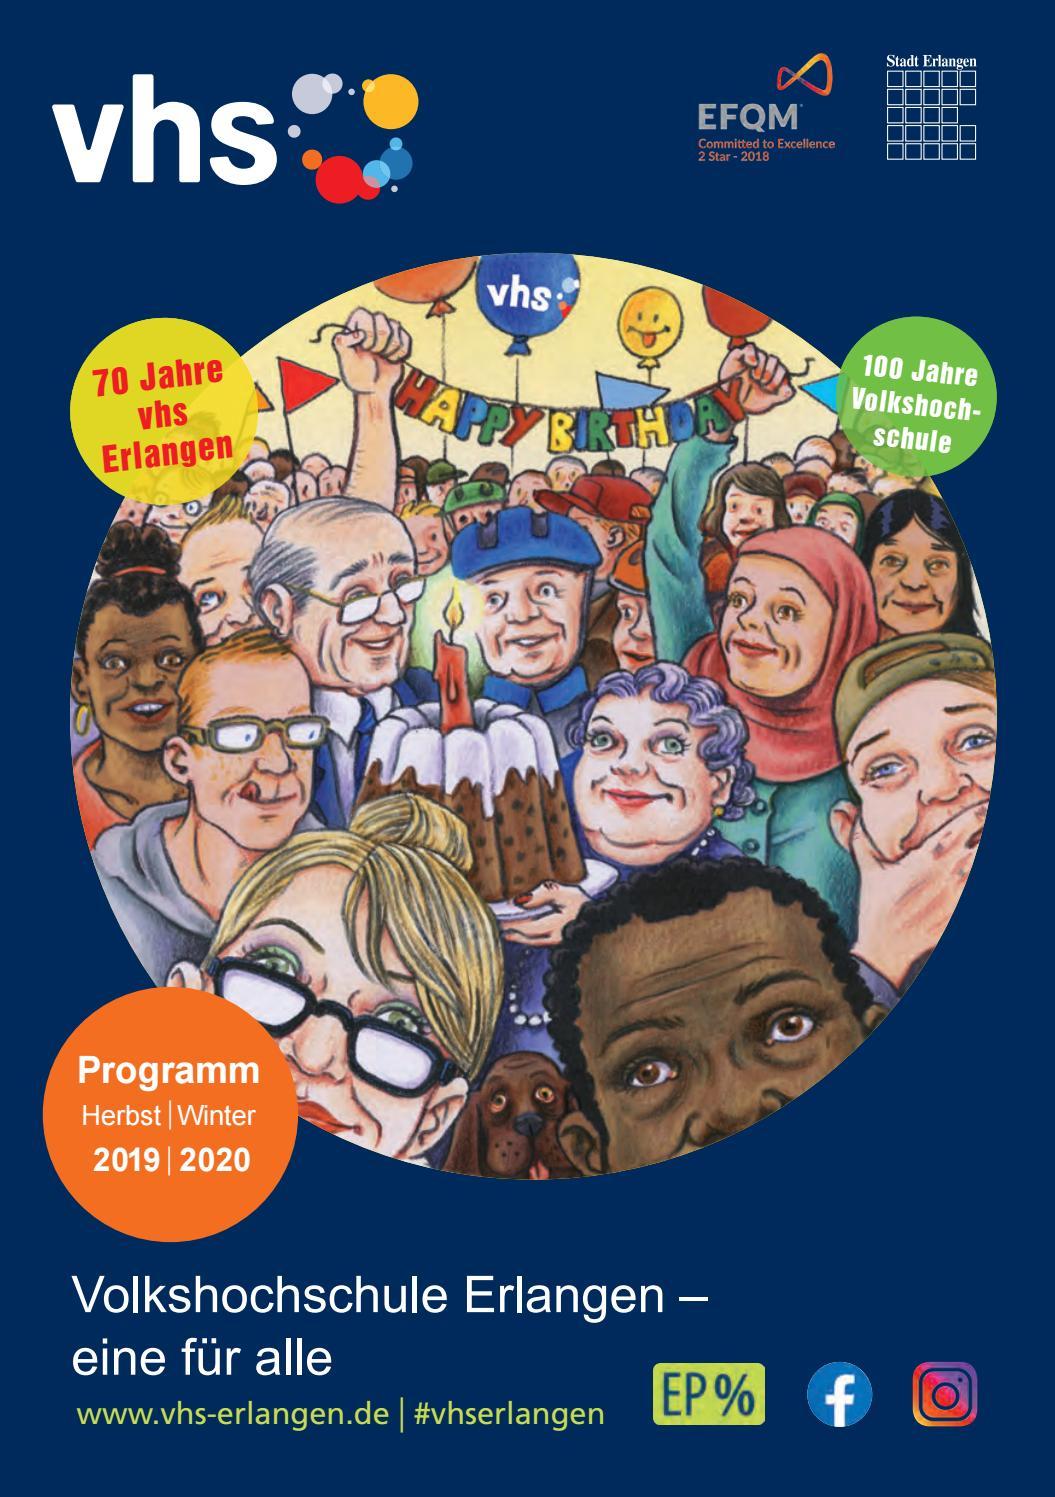 Programm Vhs Erlangen Winter 201920 By Volkshochschule